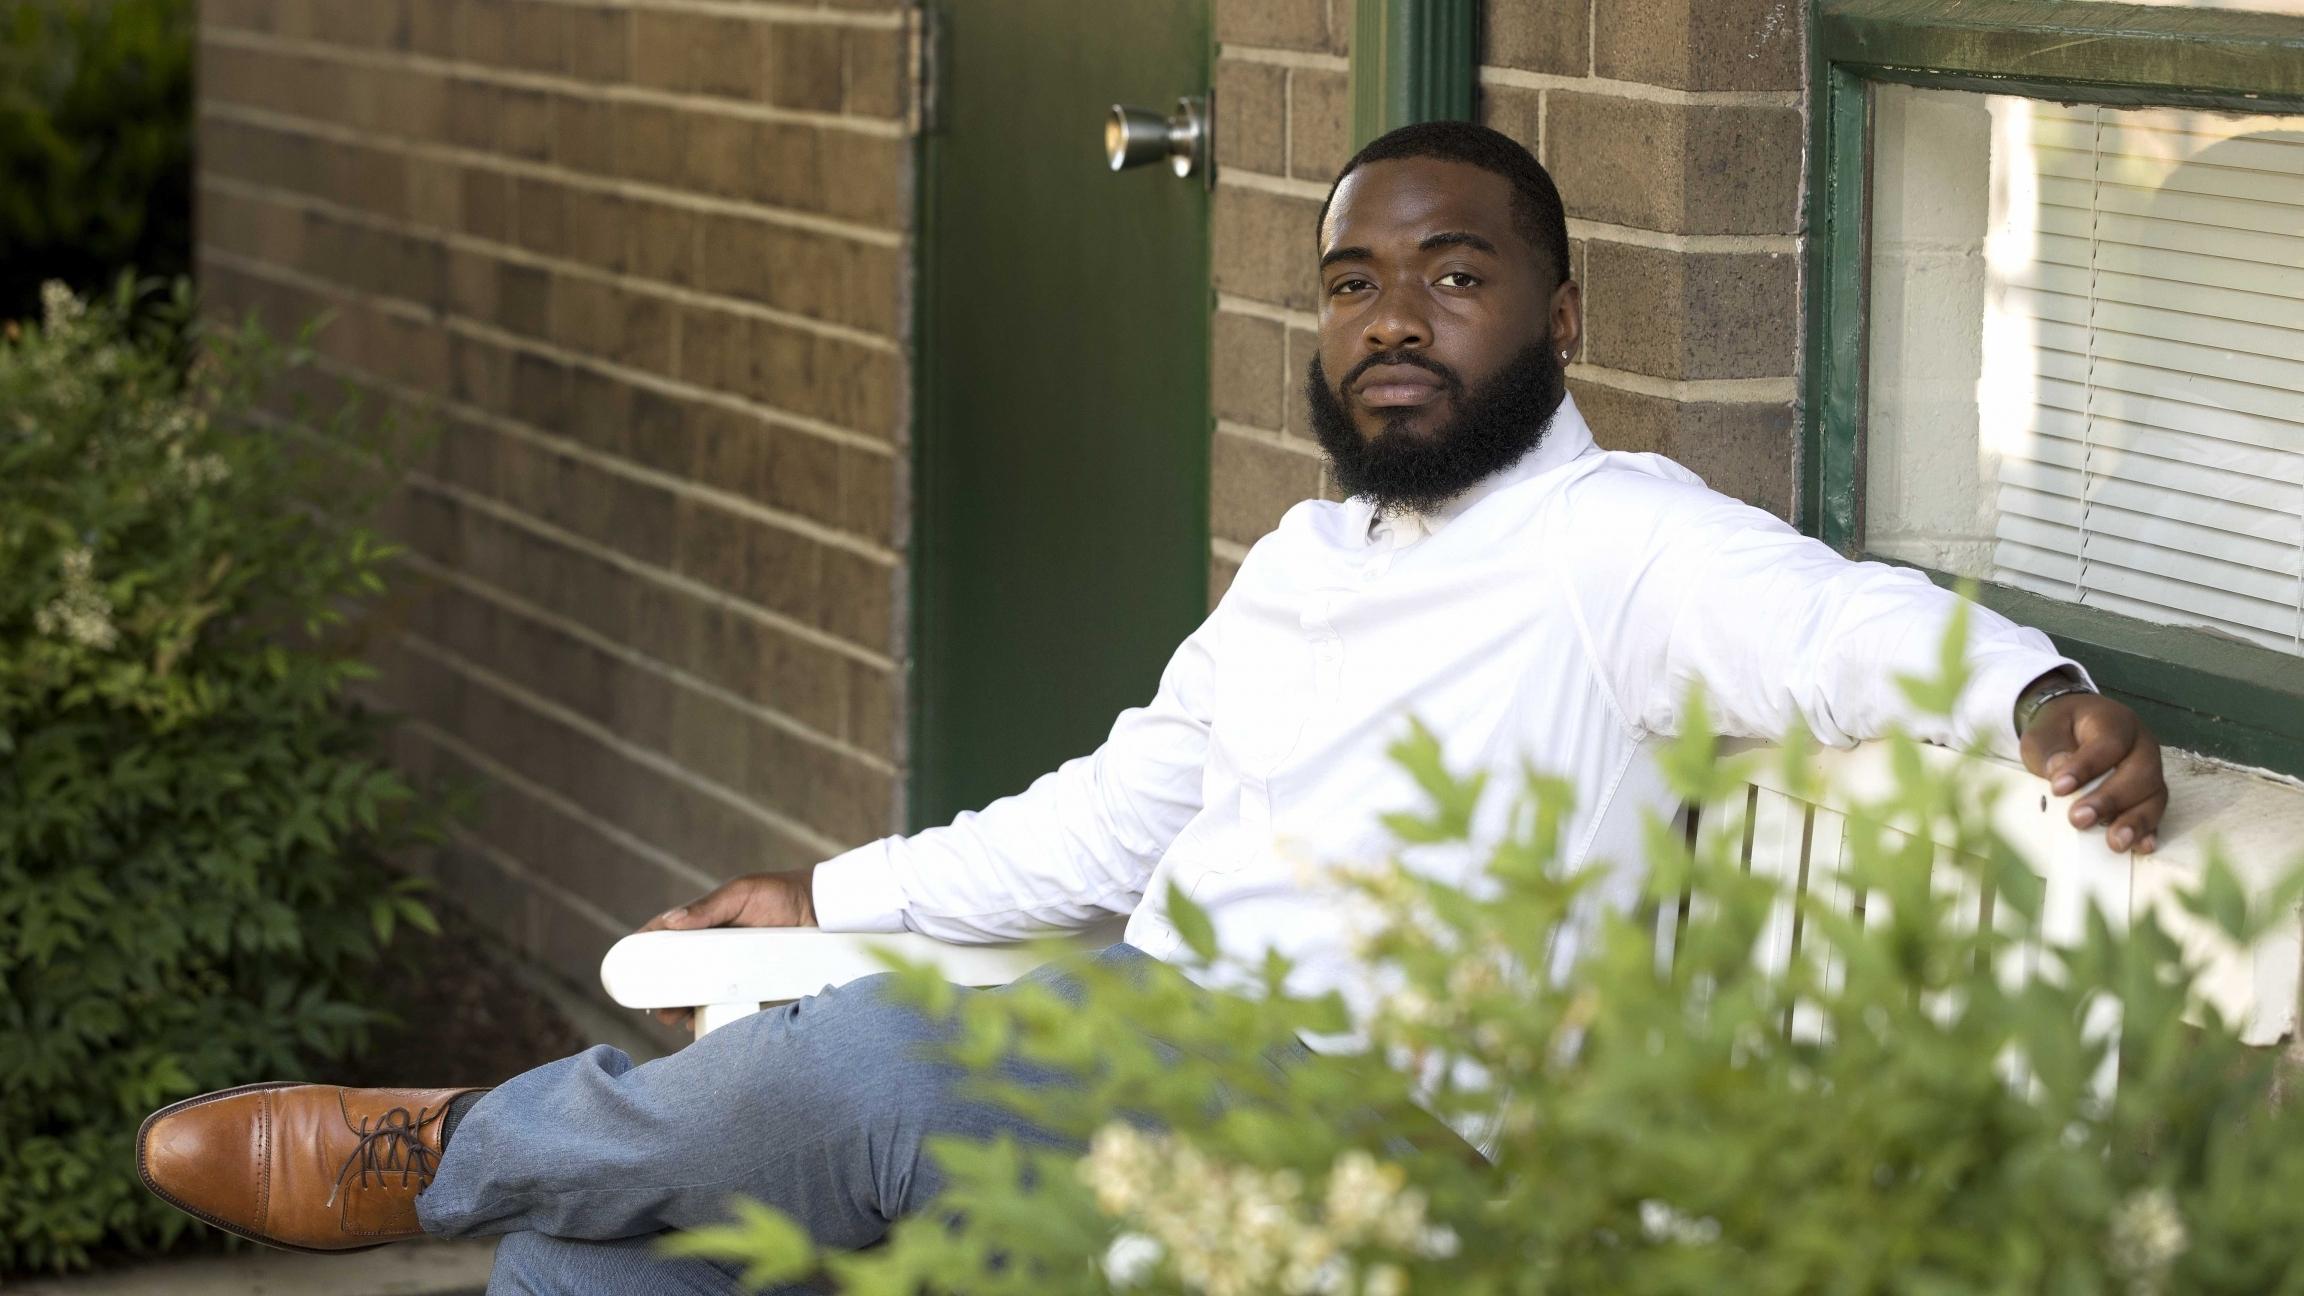 Un joven que viste una camisa blanca esta sentado en frente de una casa y posando para una foto.